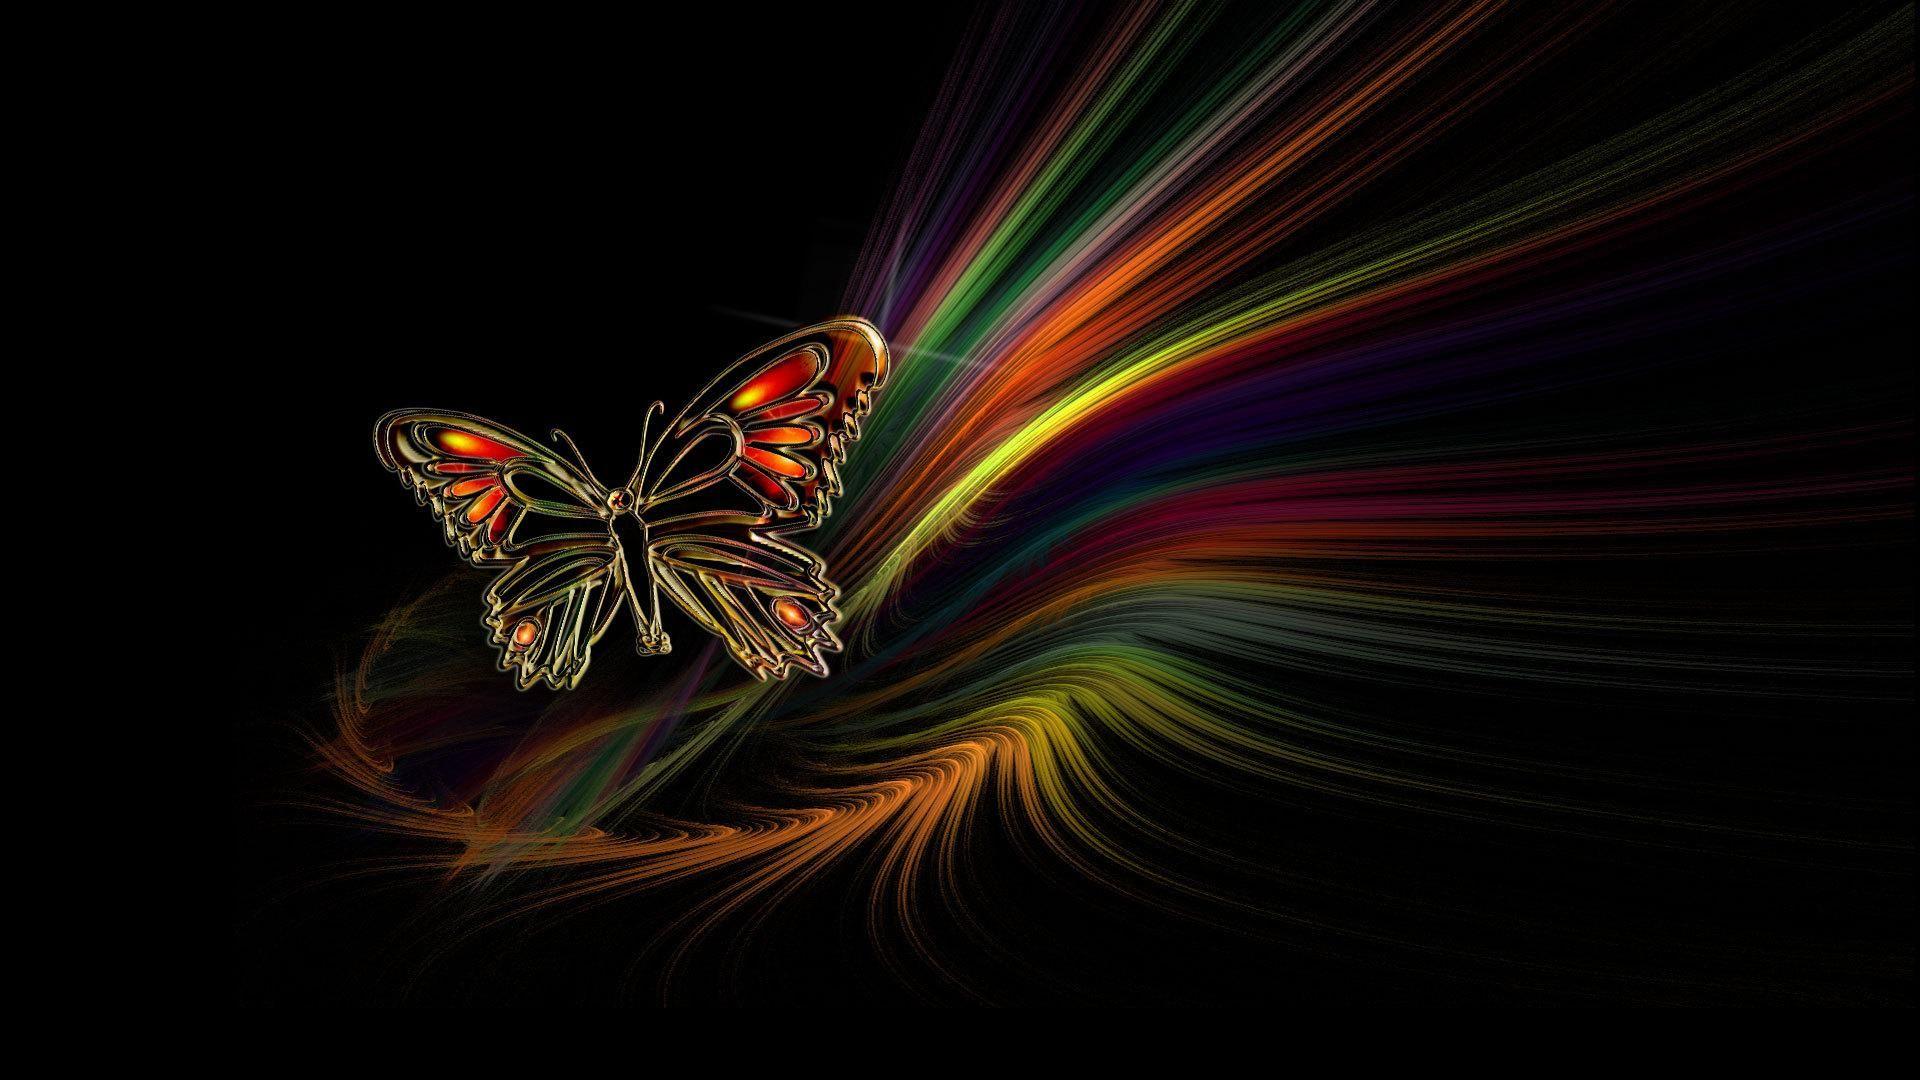 butterflies wallpapers hd